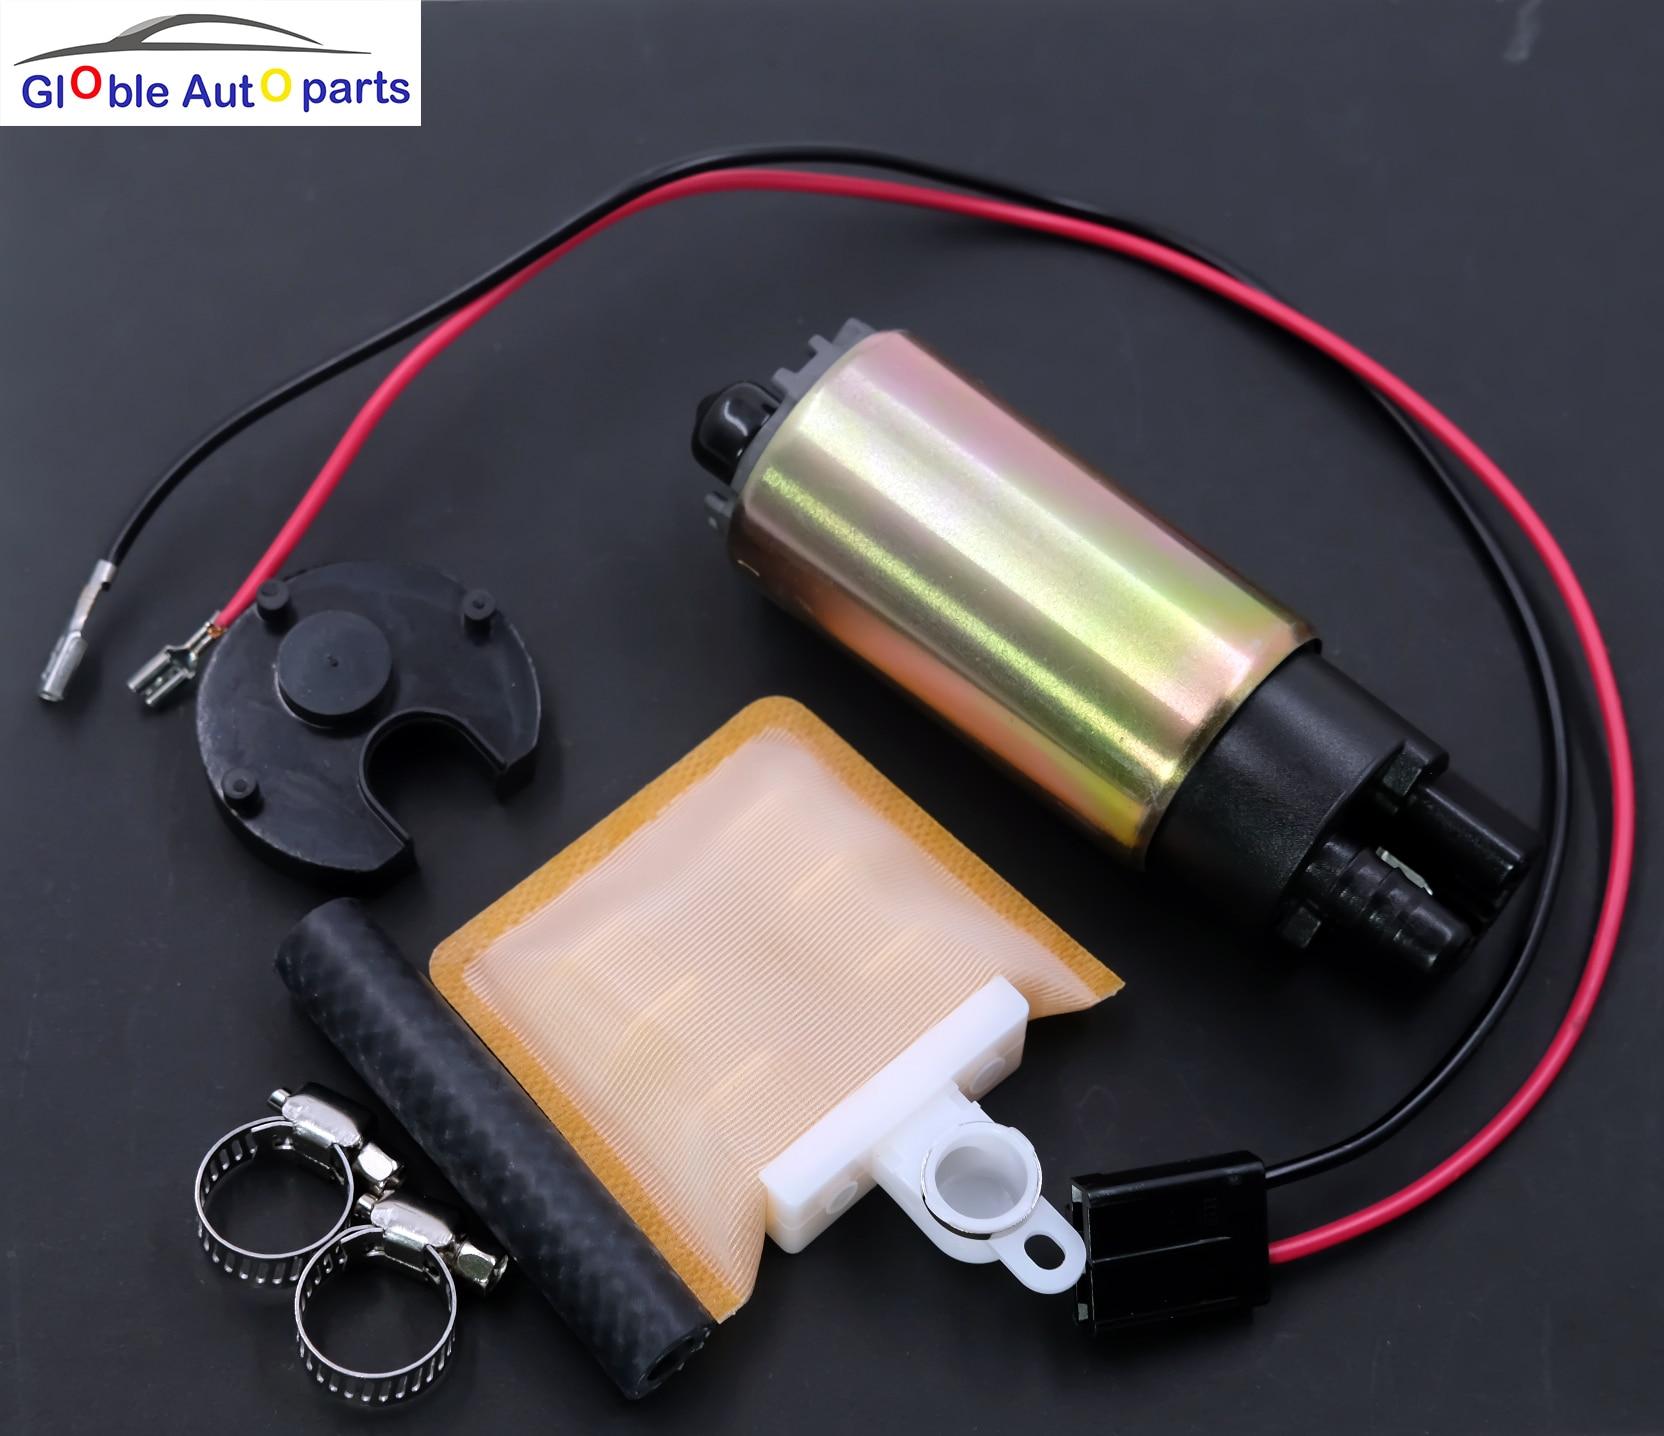 Универсальный Электрический топливный насос с высоким потоком 255Lph для Kia Suzuki Dodge Ford Honda Acura chevrotte Mitsubishi Mazda Nissan toyota